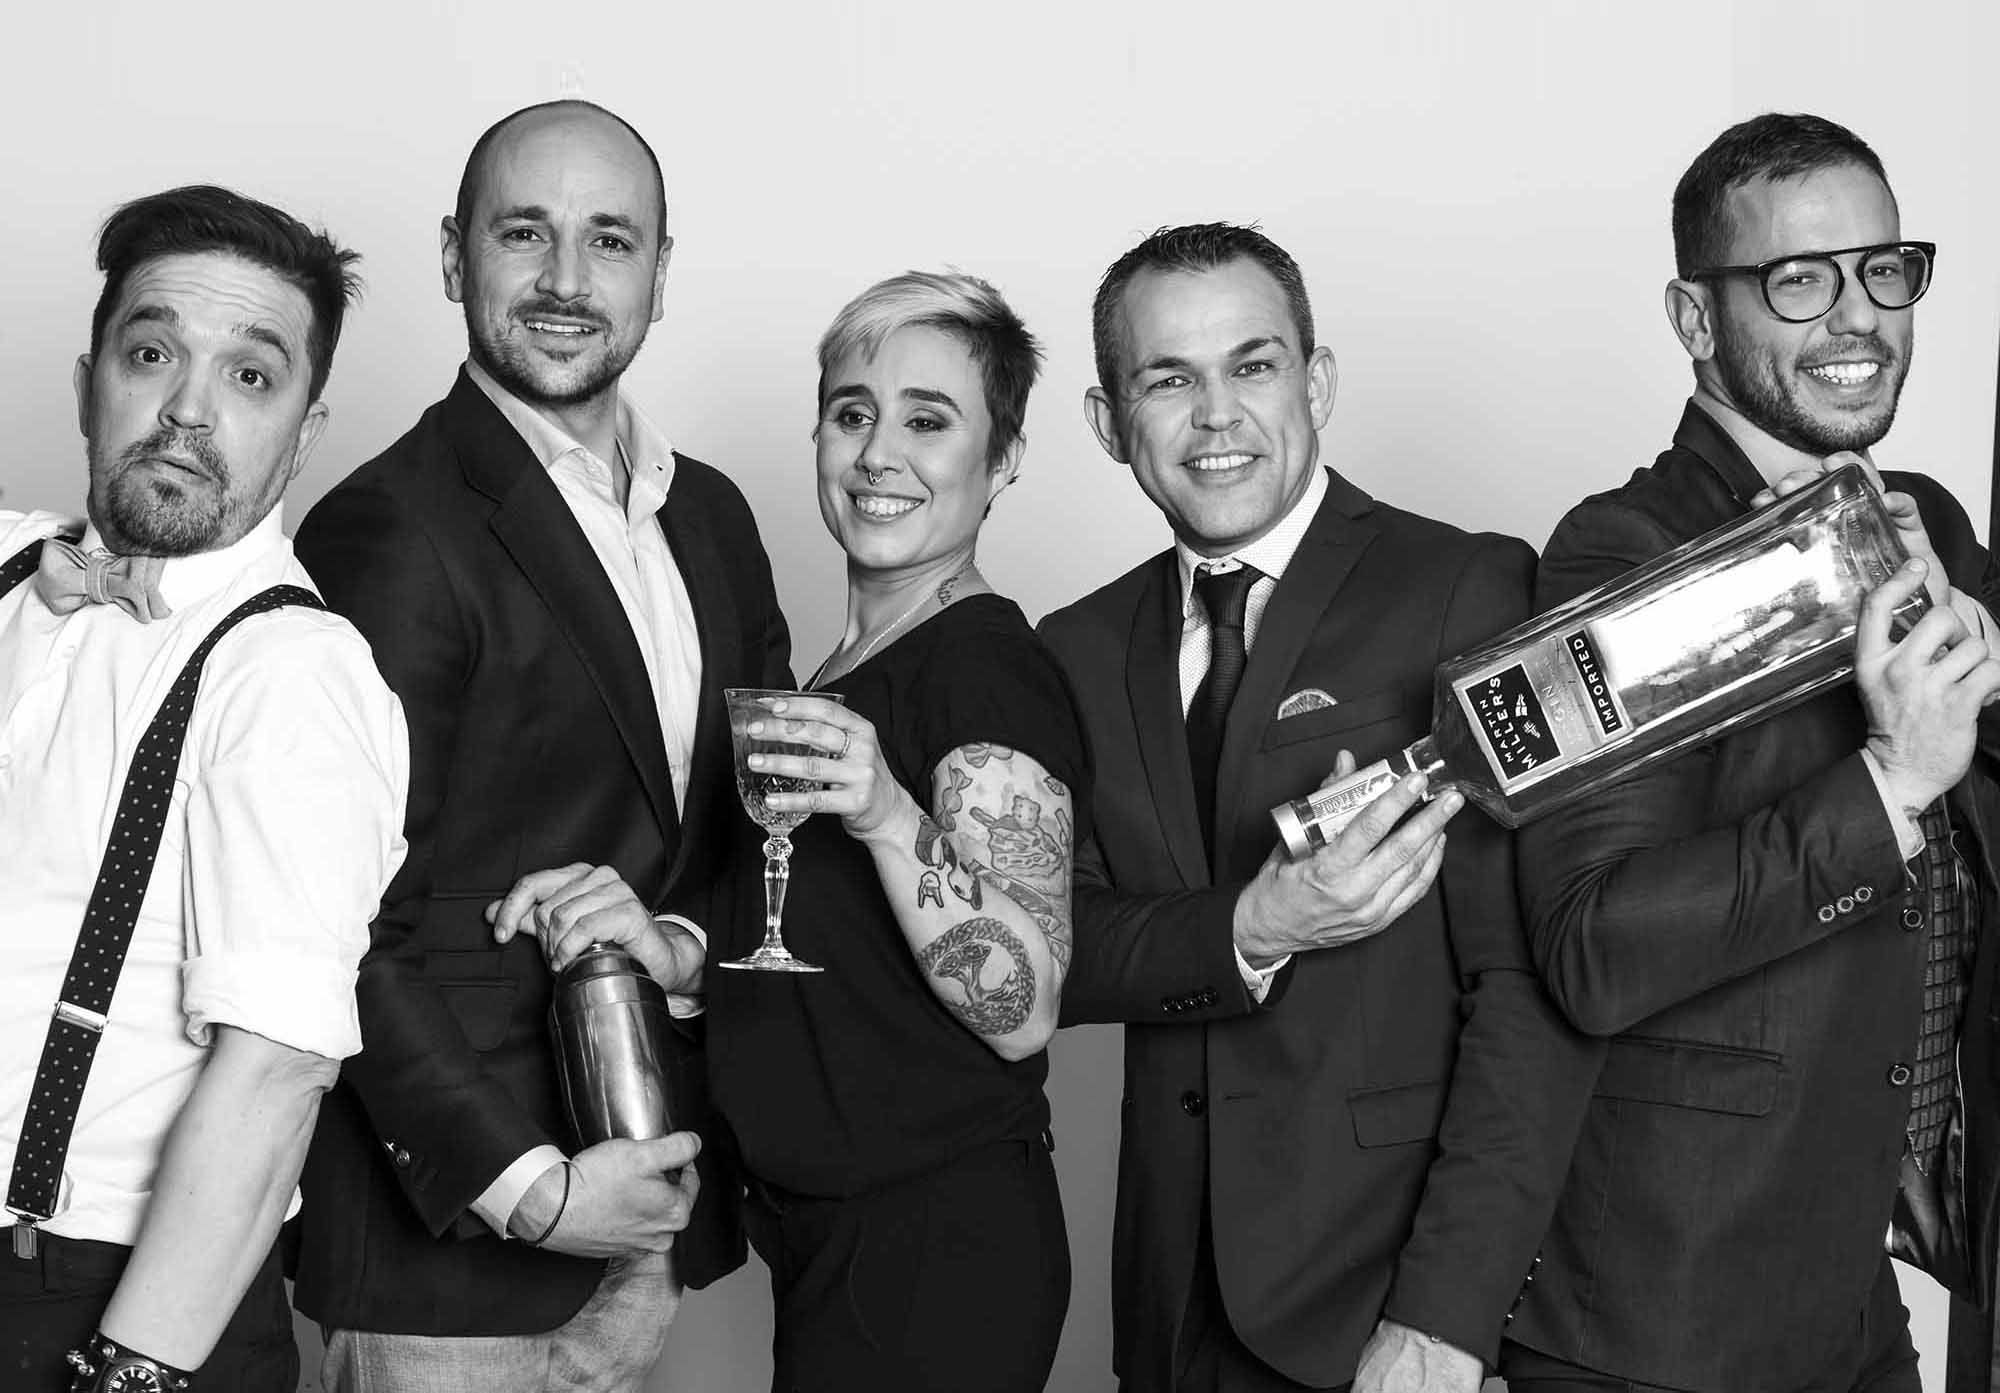 """Cinco de los mejores """"barman"""" de España se sirven de esta ginebra premium para transmitir sus valores y los de un sector en alza. Lo harán por todo el país en diversos encuentros con otros profesionales de gran nivel en torno a la esencia de Martin Miller's Gin."""